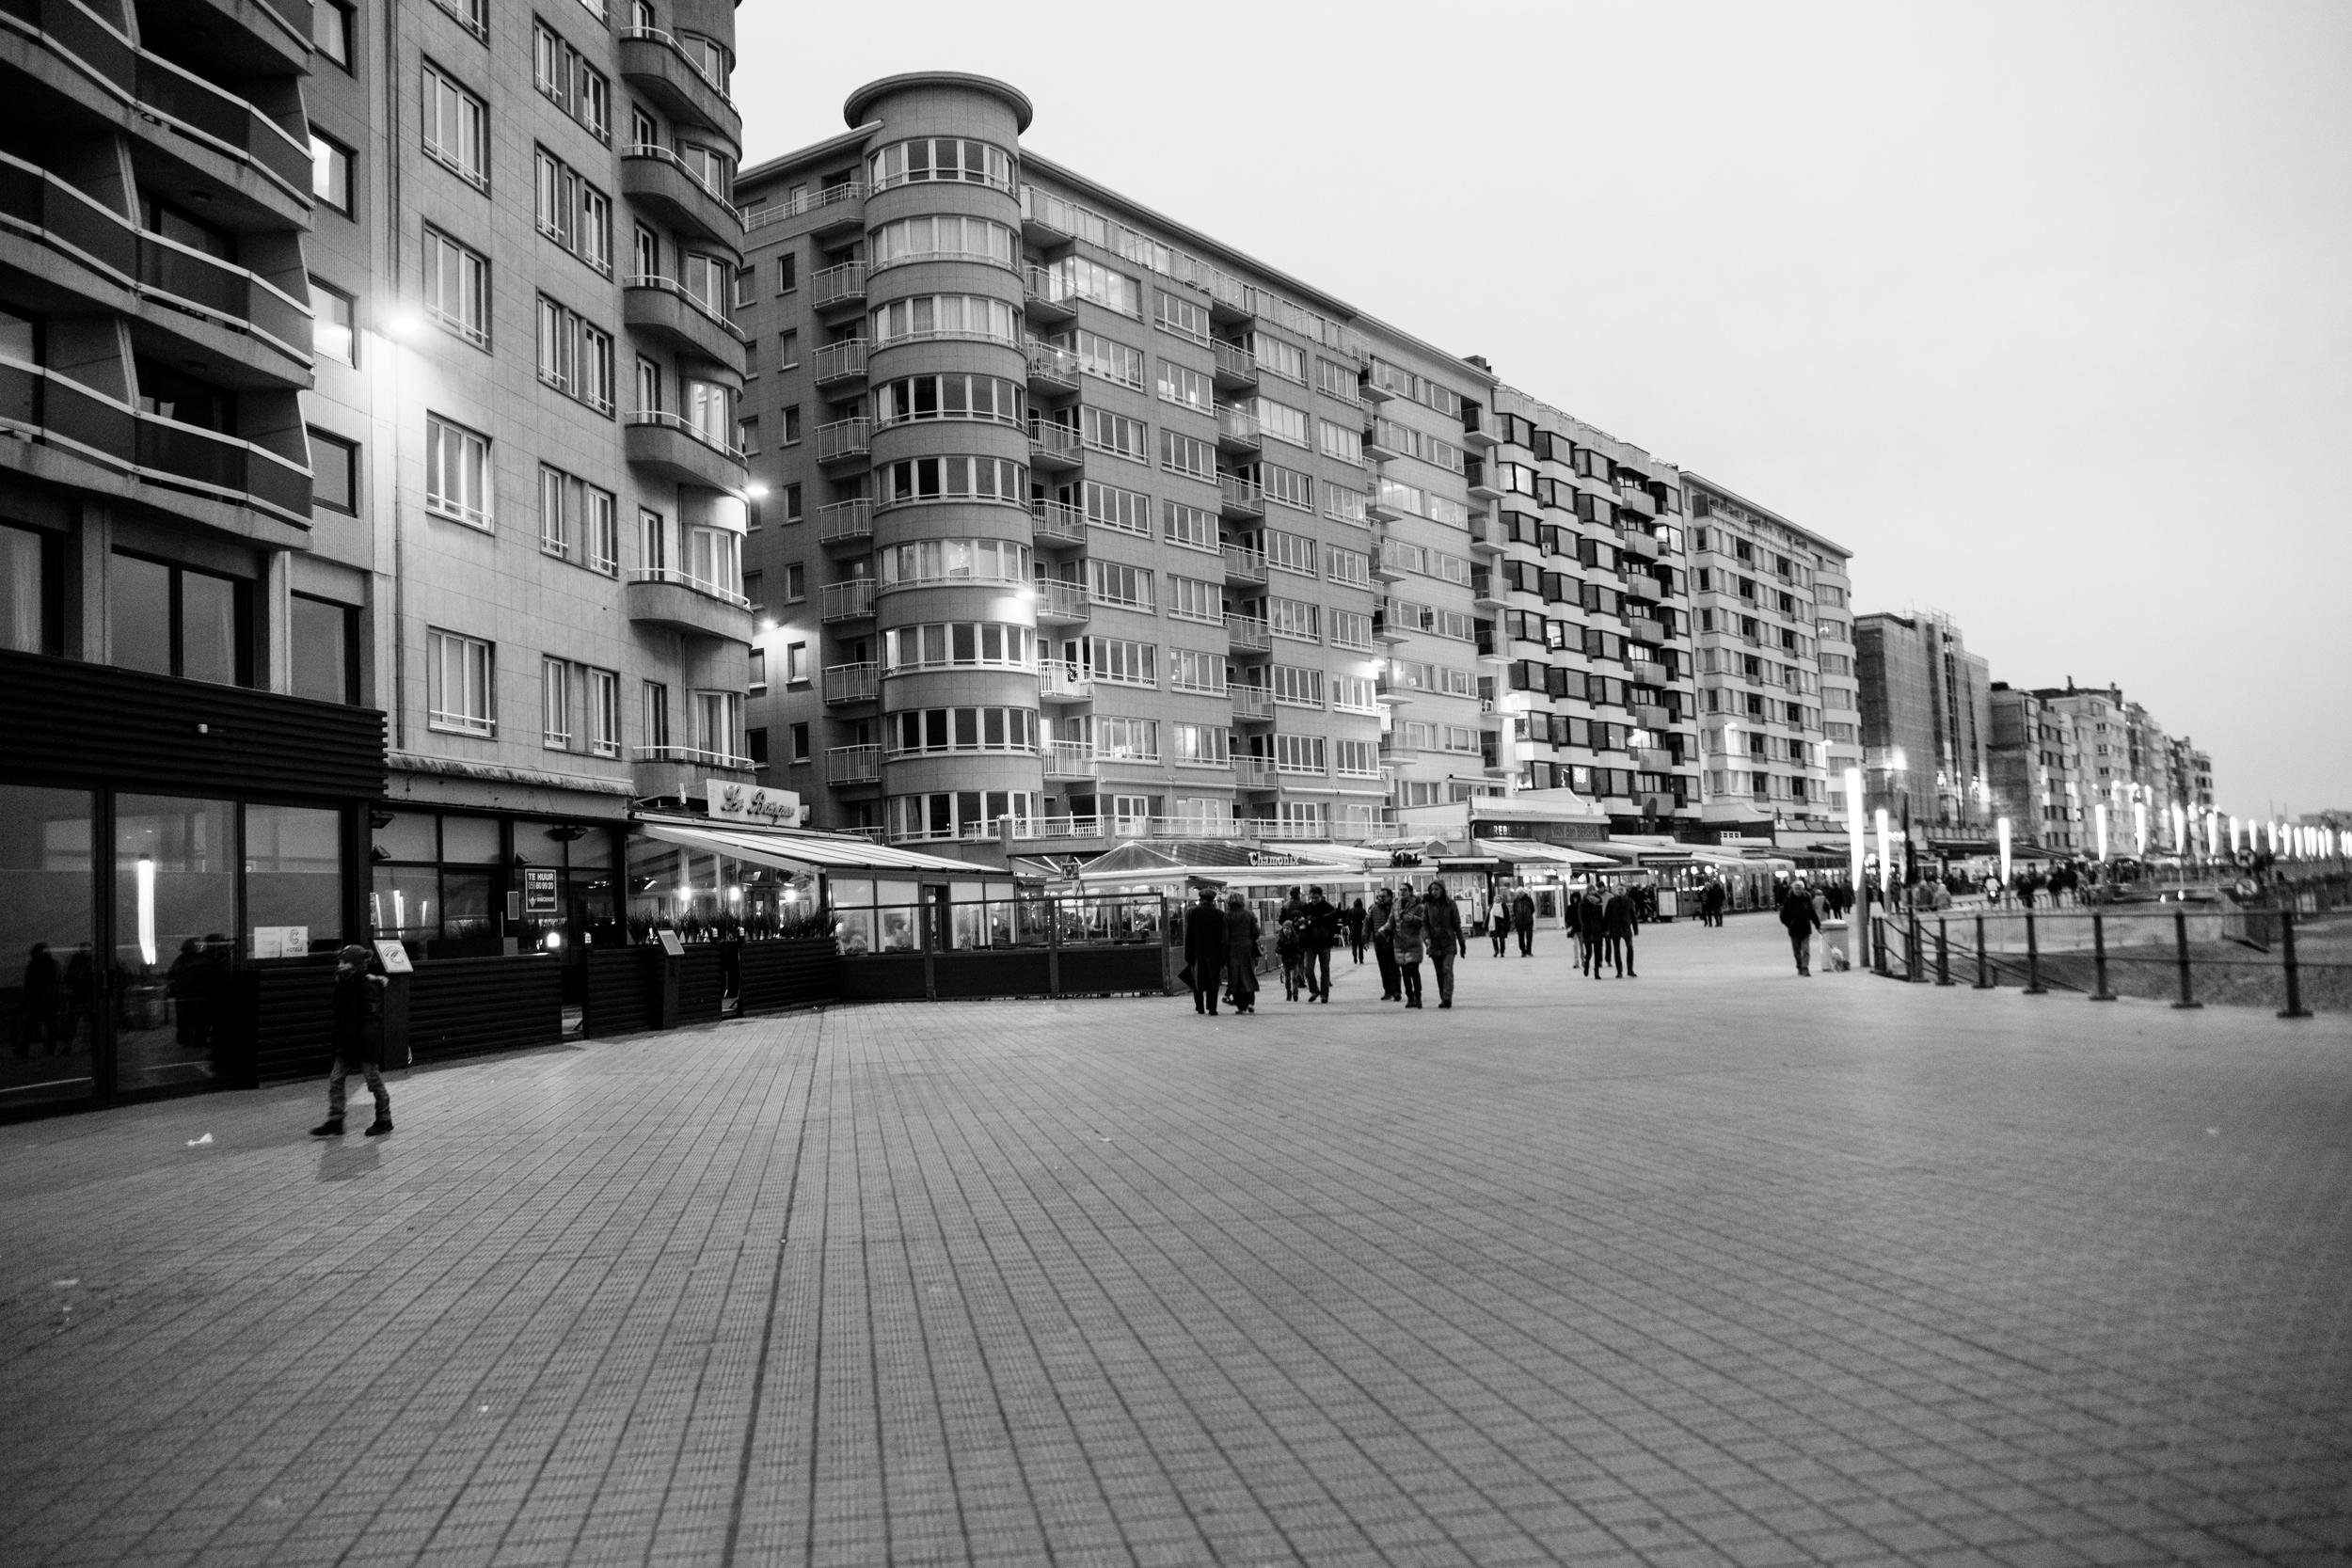 20160101_Oostende__MG_0588